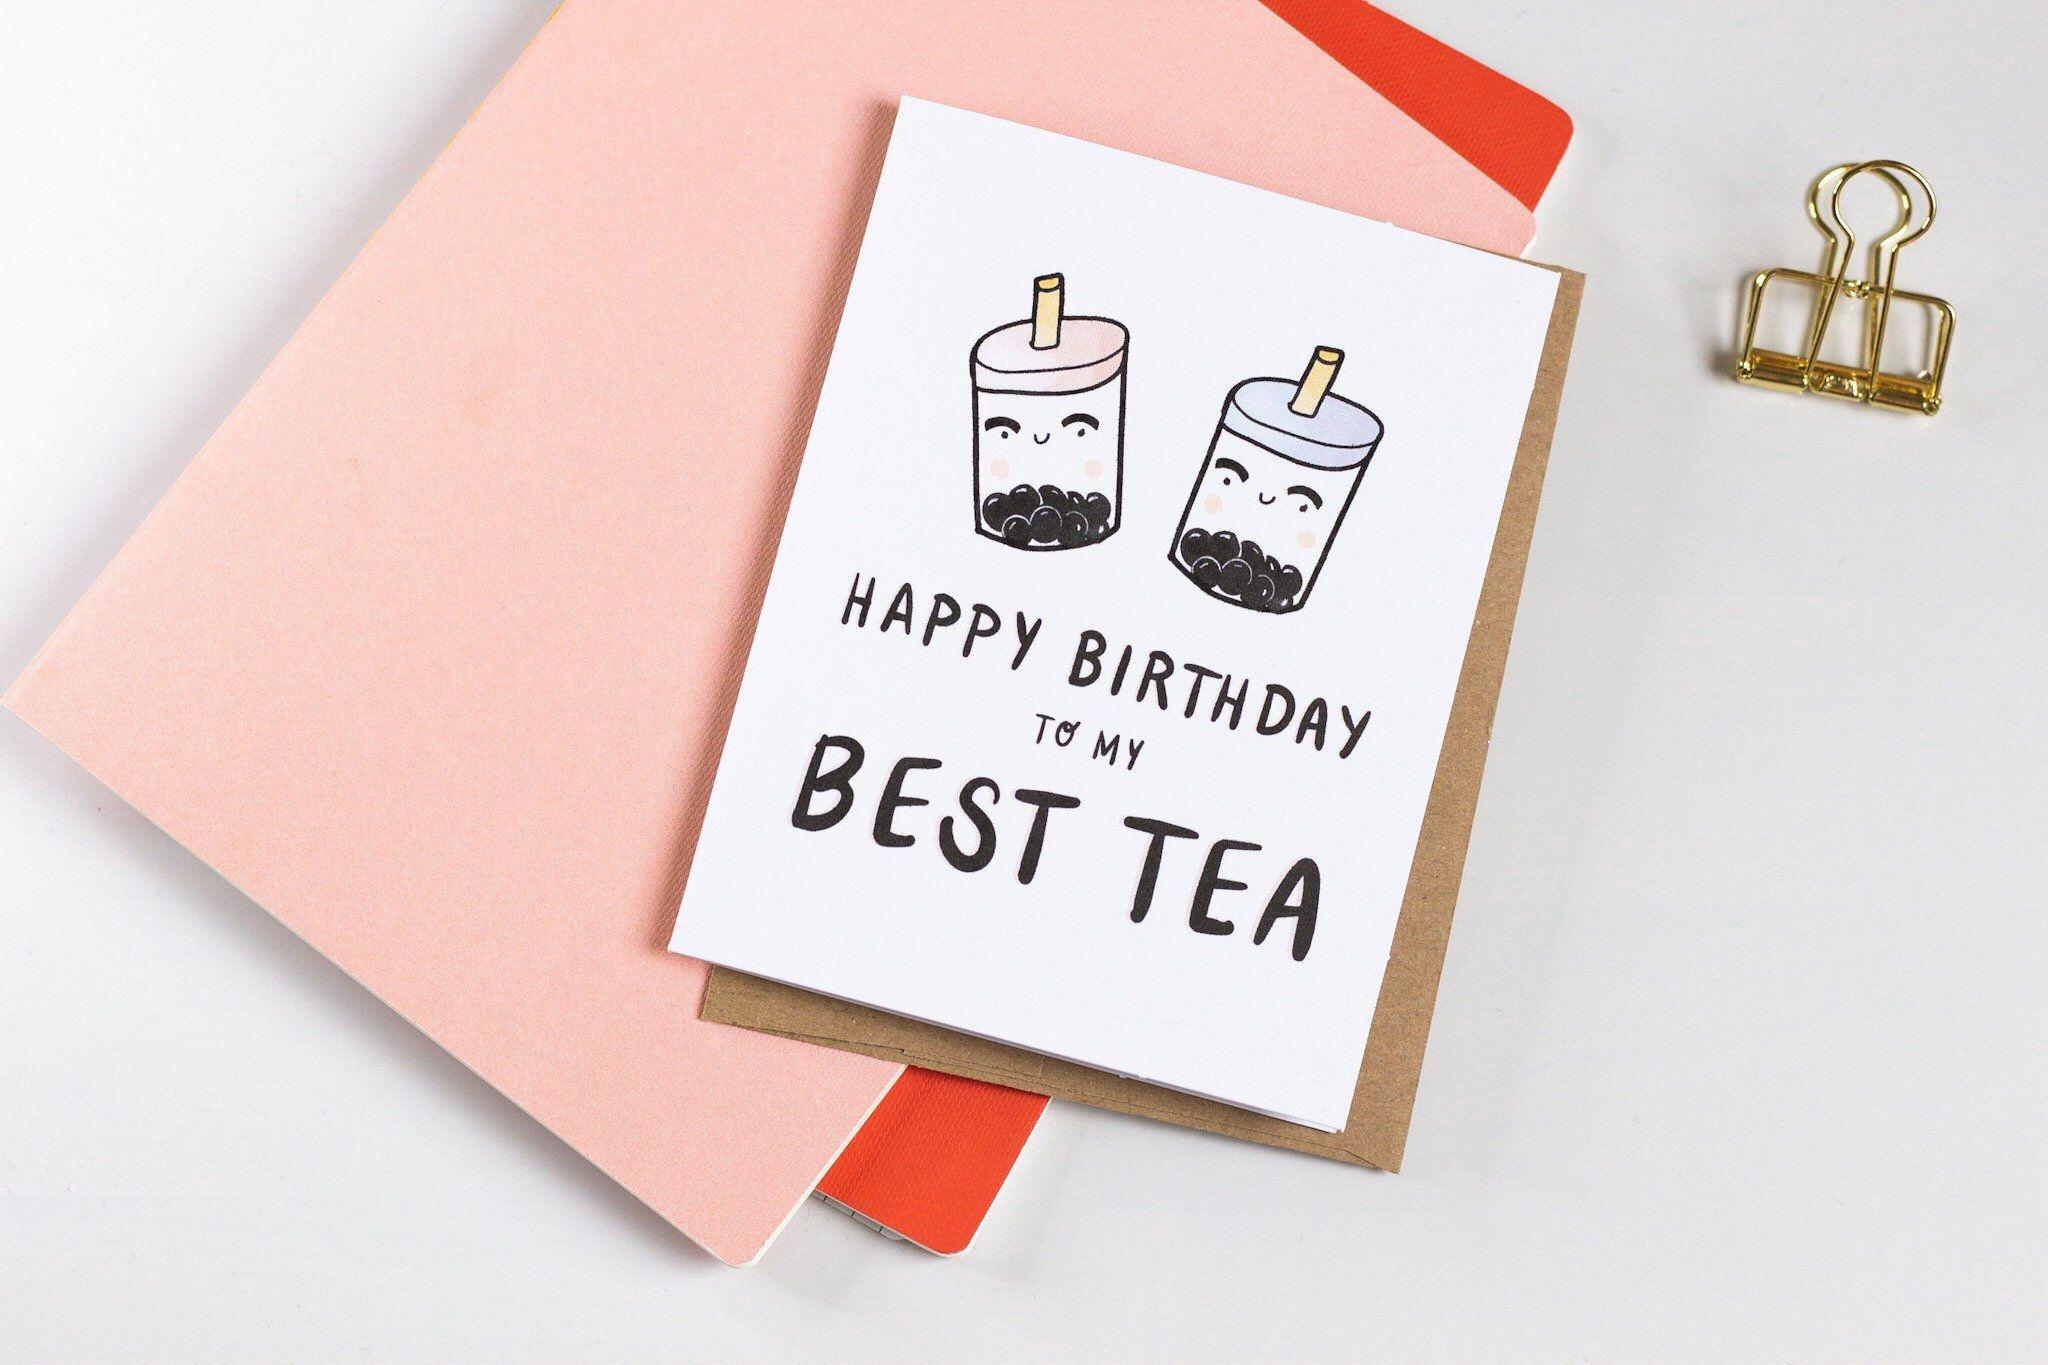 Happy Birthday Friend Best Friend Birthday Card Funny Etsy Birthday Cards For Friends Best Friend Birthday Cards Happy Birthday Drawings